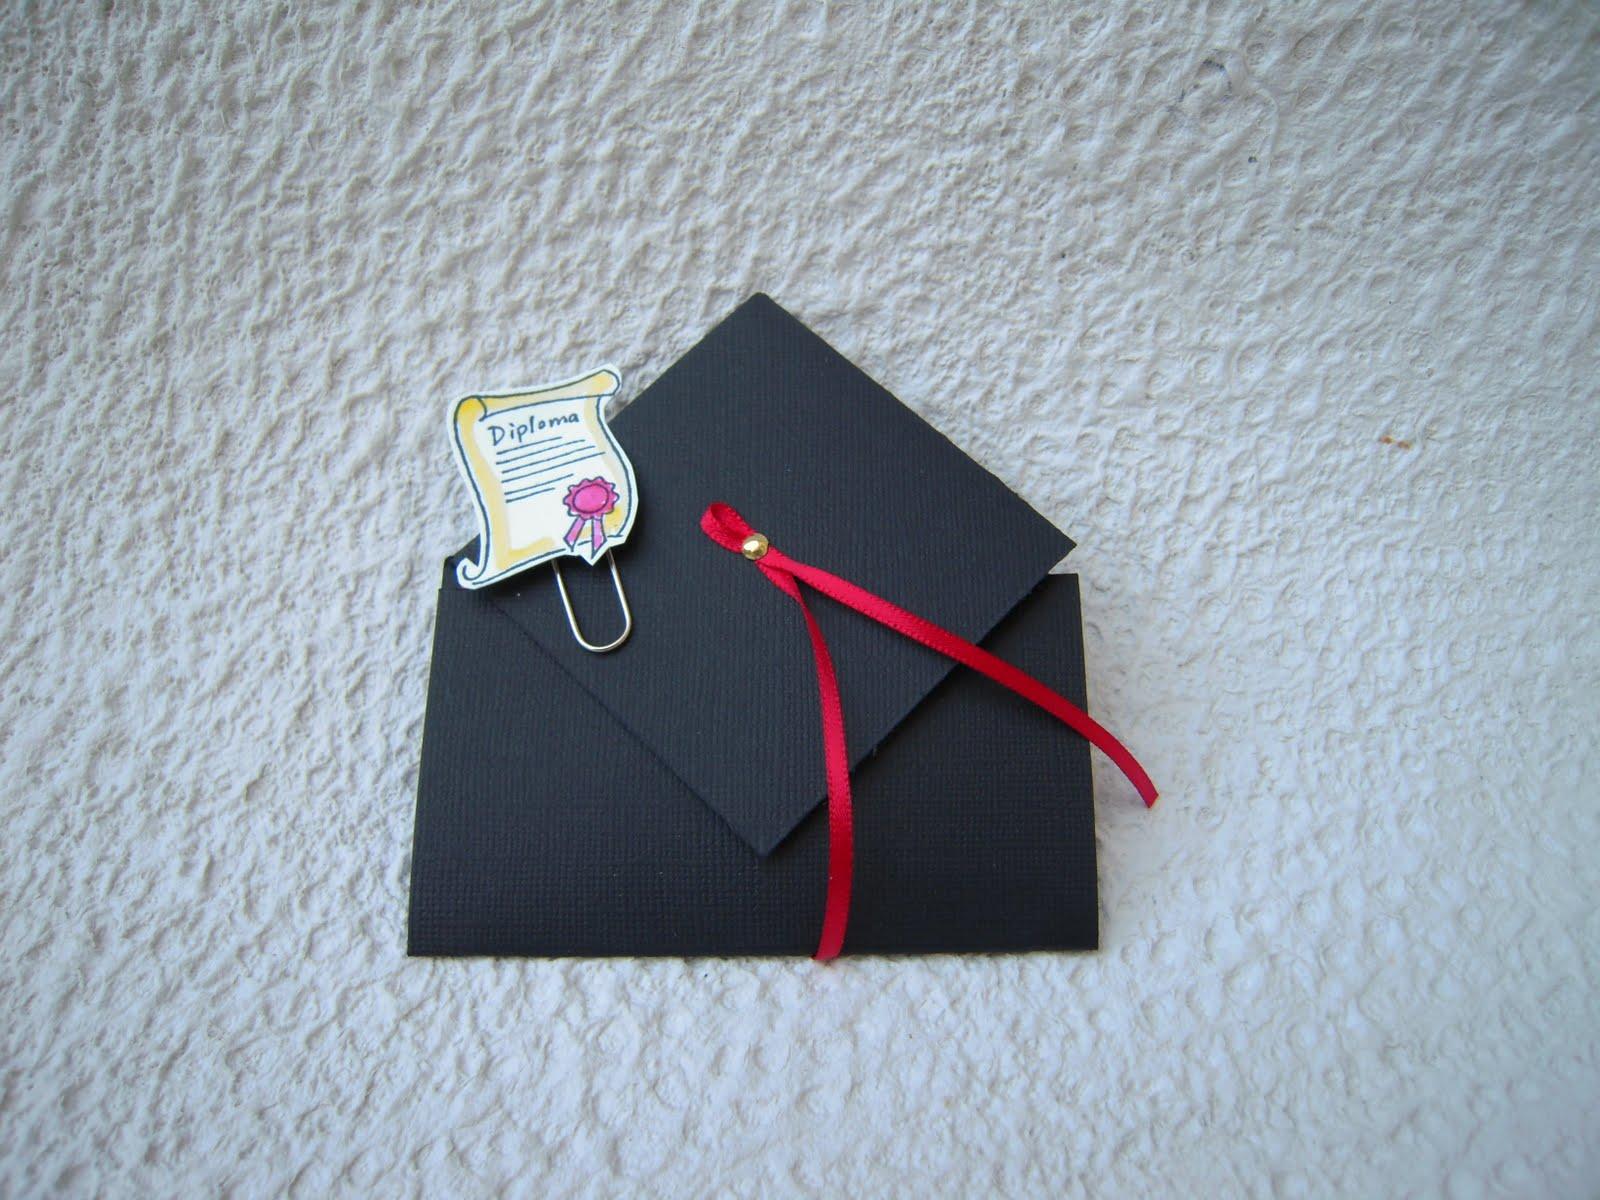 Atelierbricolage Marzo 2011